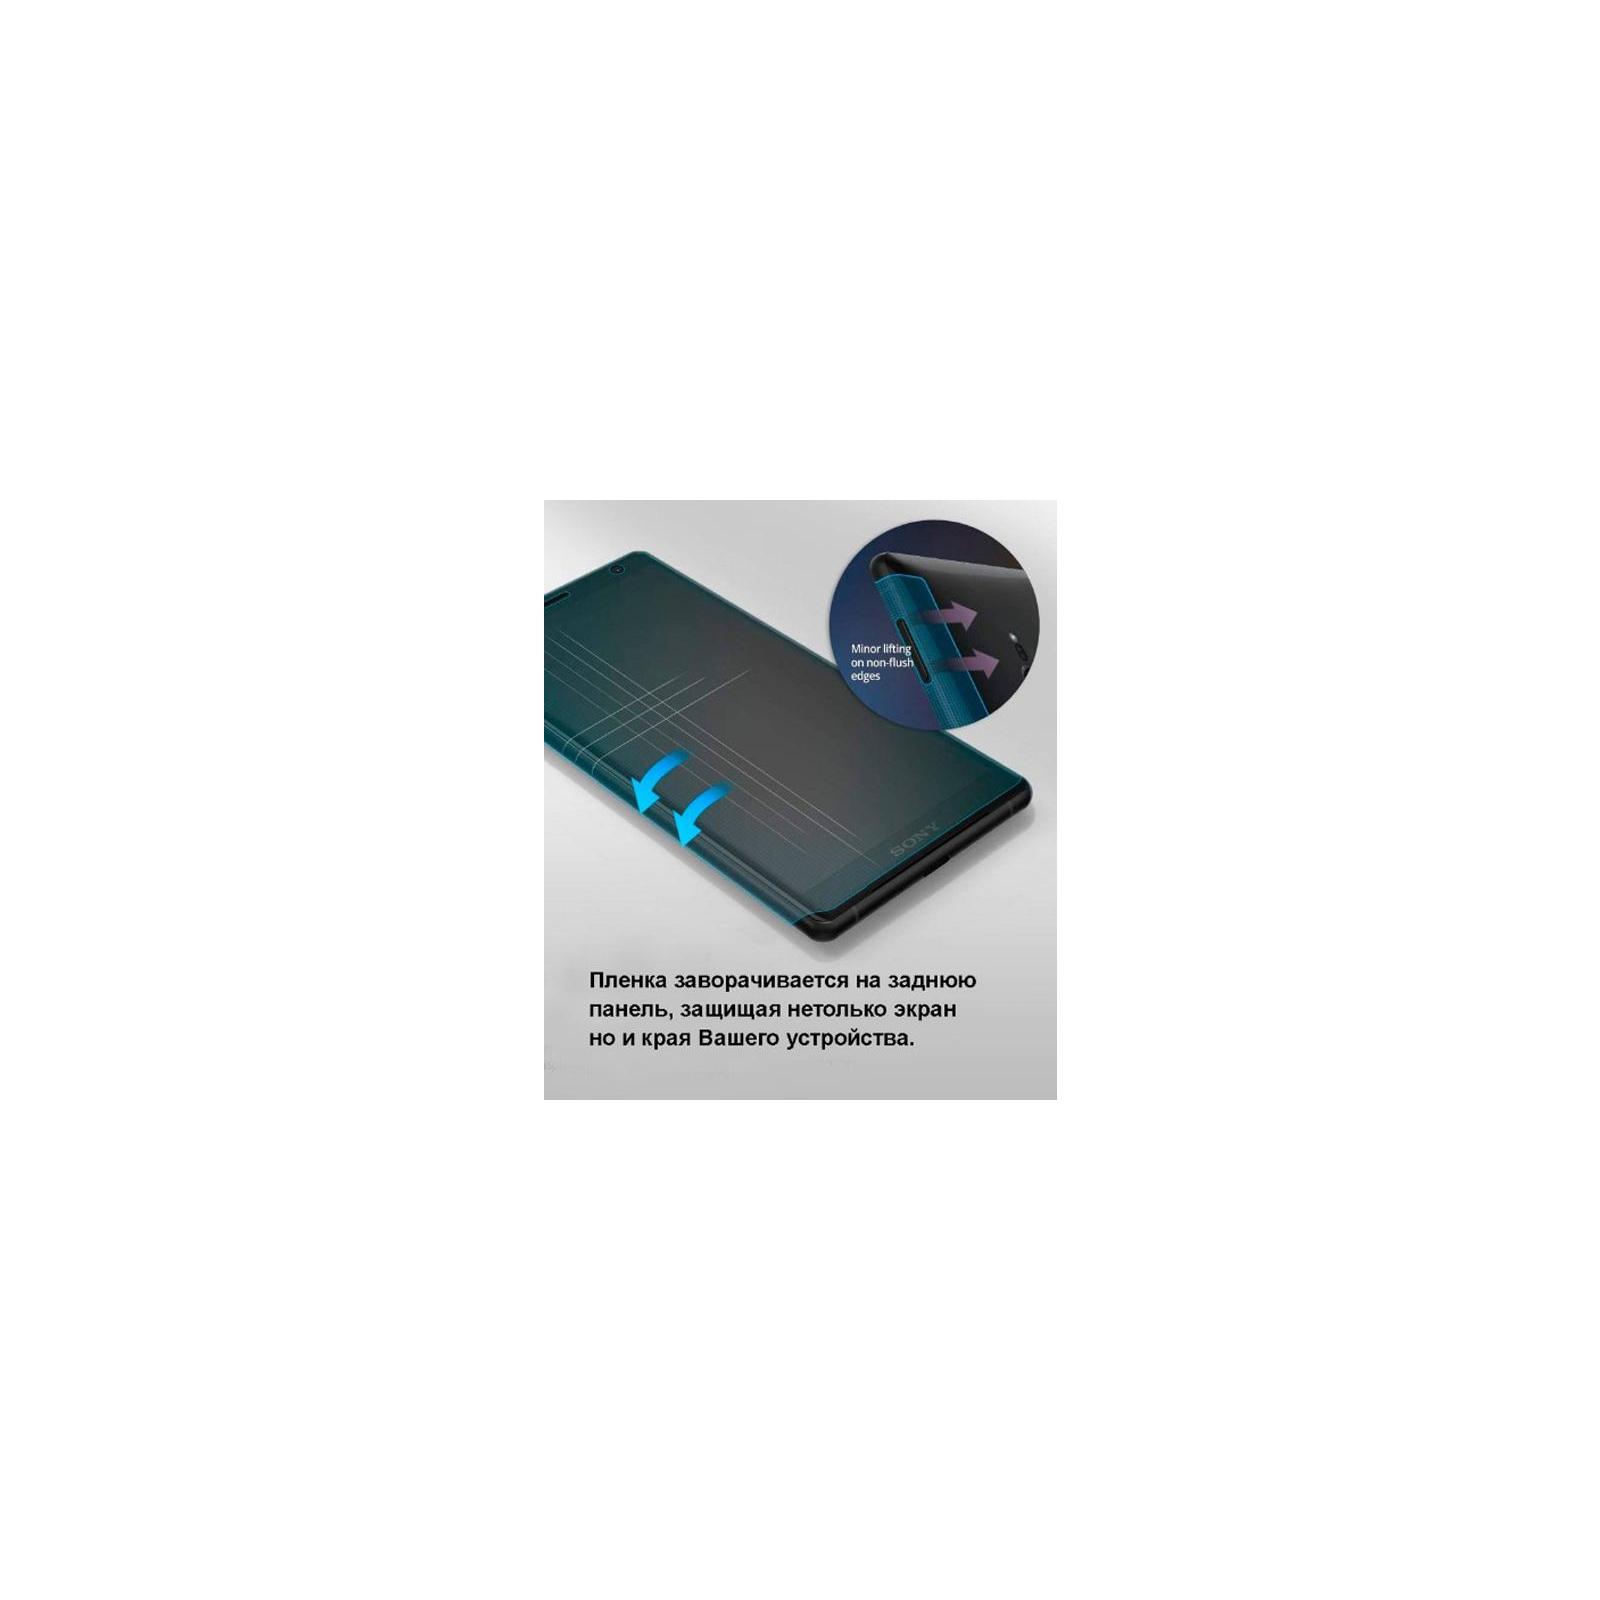 Пленка защитная Ringke для телефона Sony Xperia XZ2 Full Cover (RSP4455) изображение 5